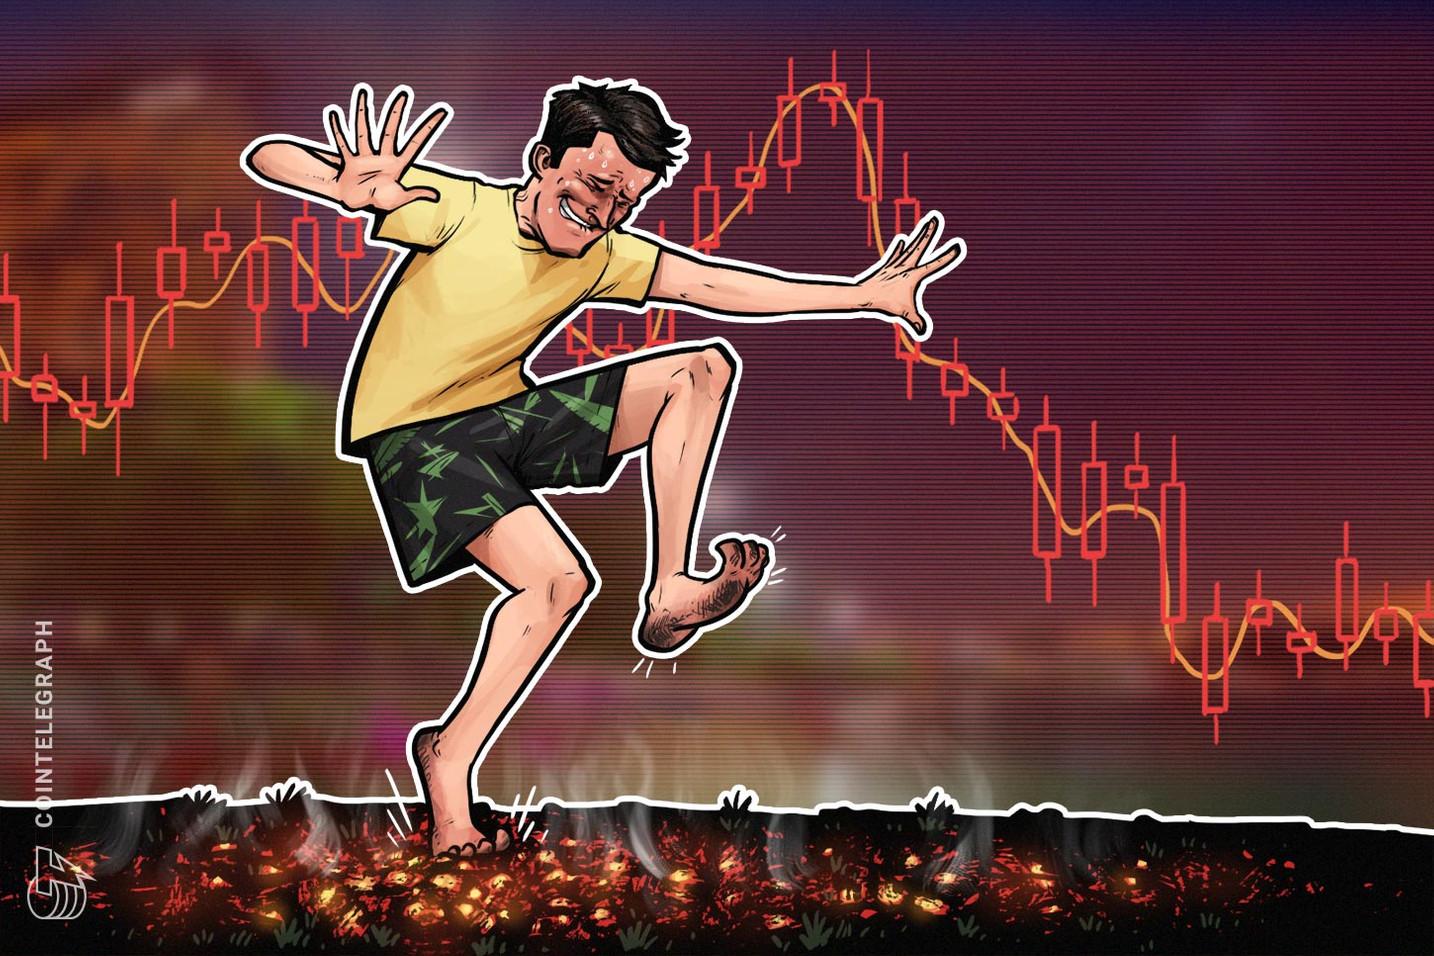 أسواق العملات المشفرة تتراجع بشكل حاد، وإيثريوم تخسر مكاسبها السابقة خلال الأسبوع